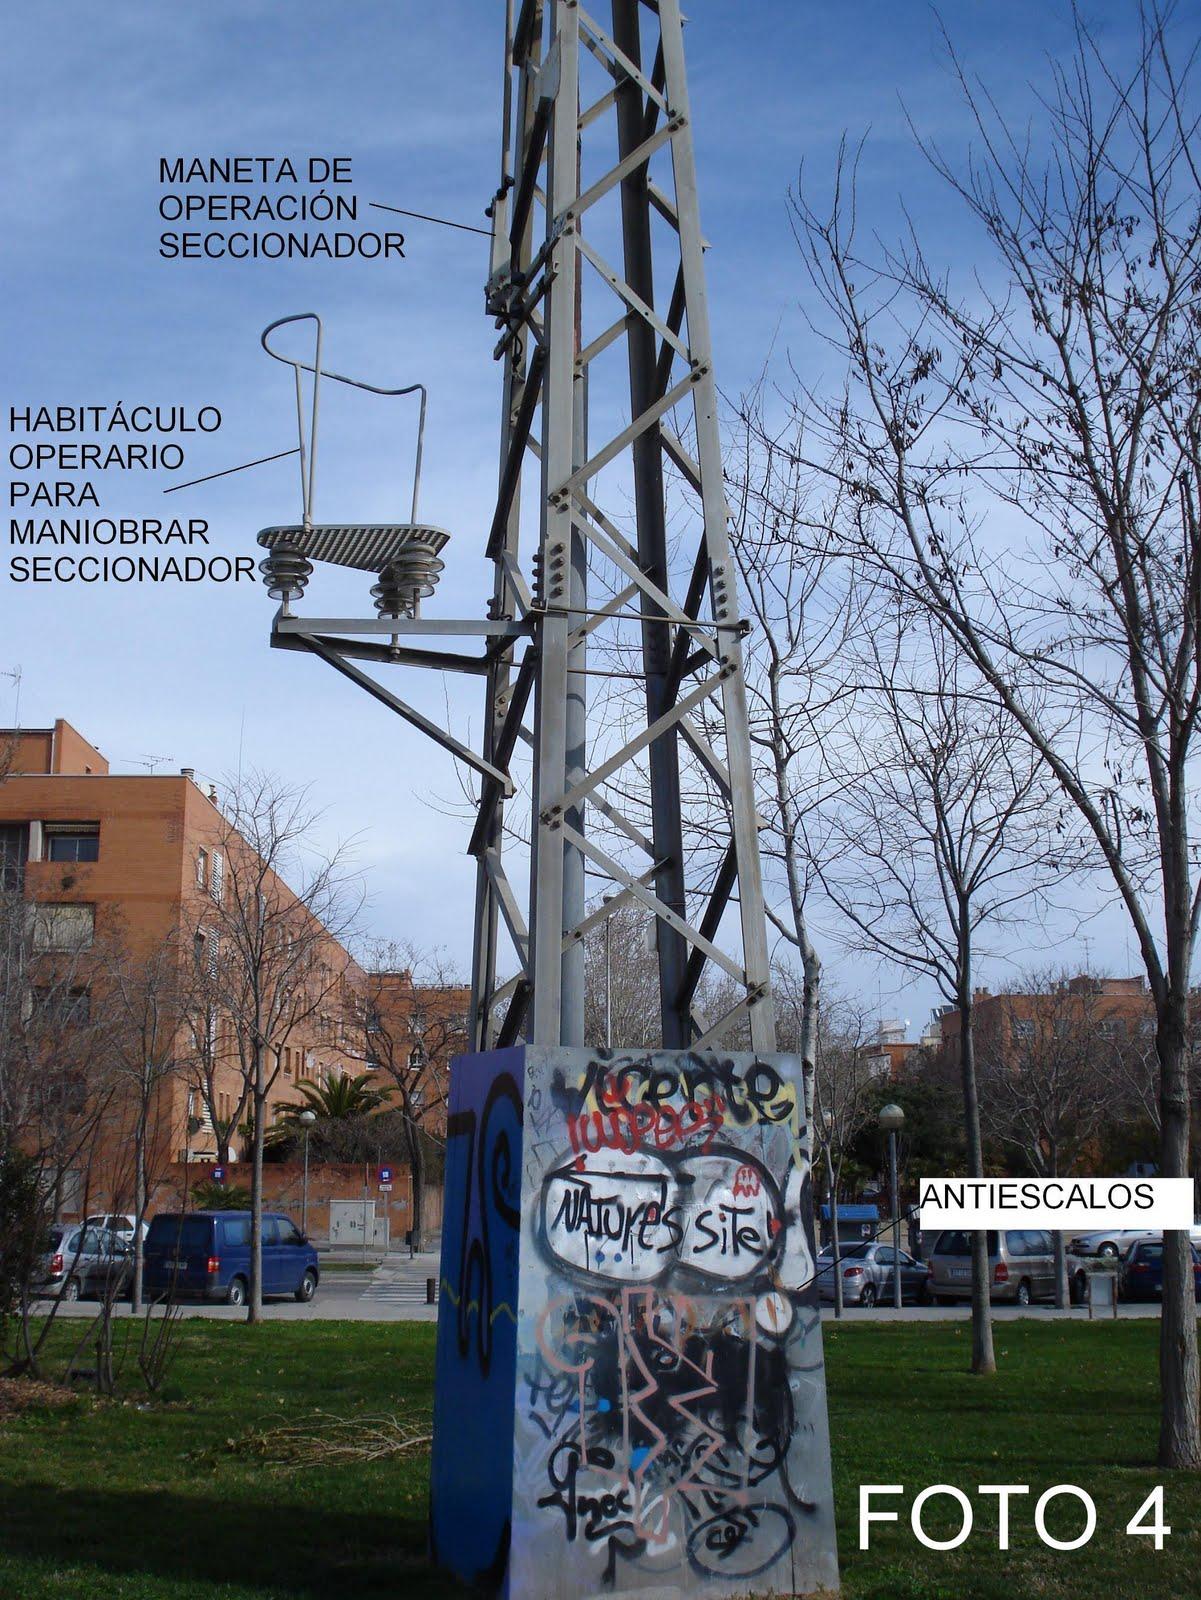 lineas aereas de chile a espana: